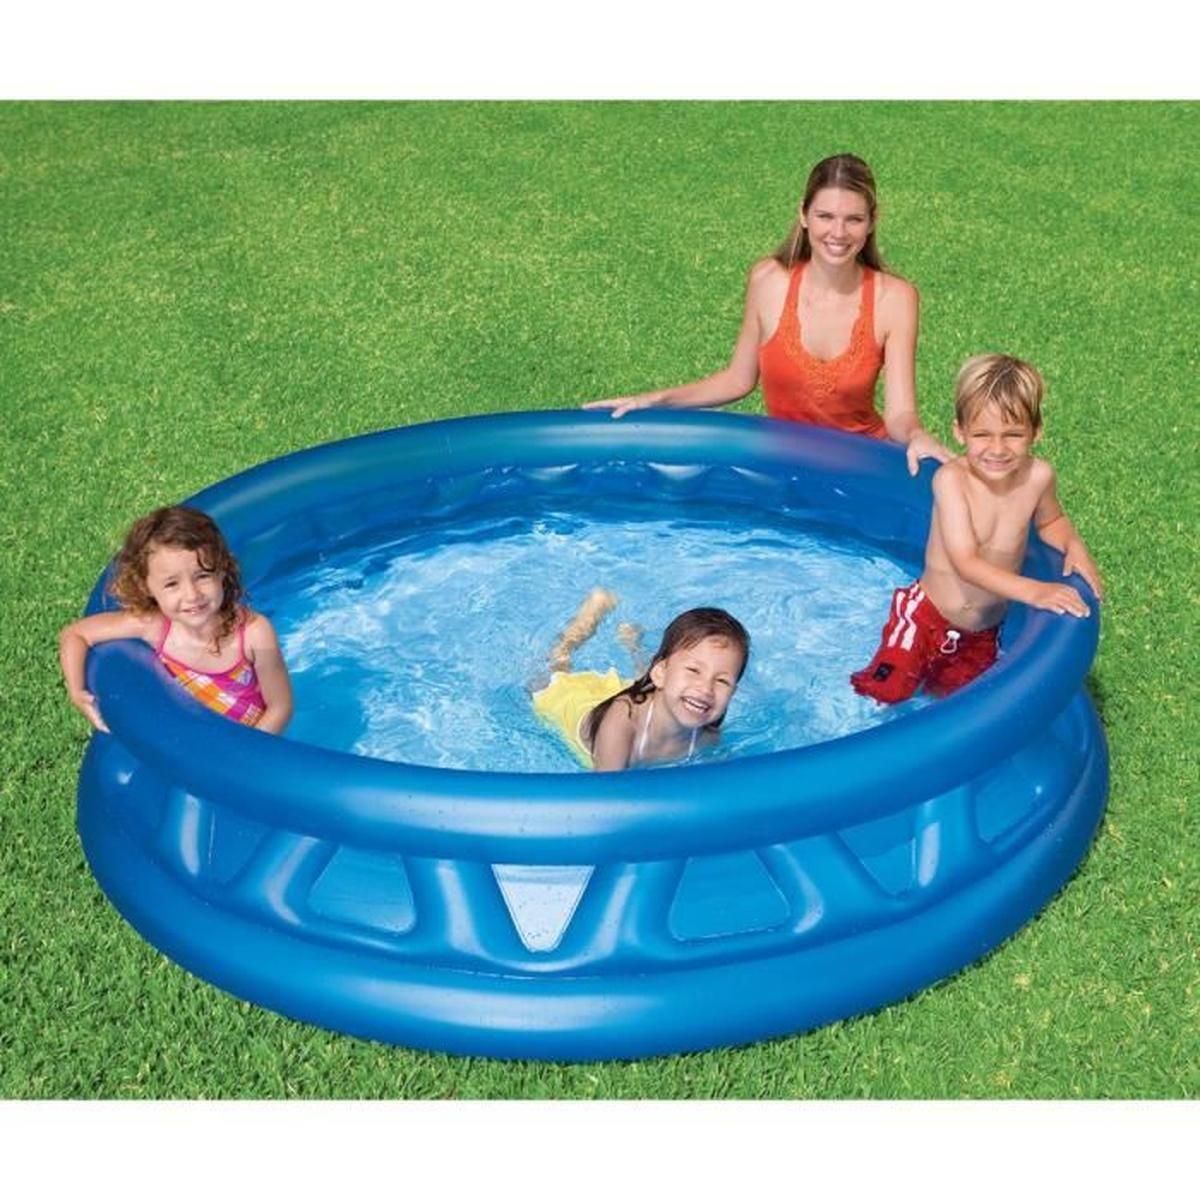 """Piscine Enfant """"soft Side Pool"""" Bleu - Achat / Vente ... destiné Piscine Intex Enfant"""